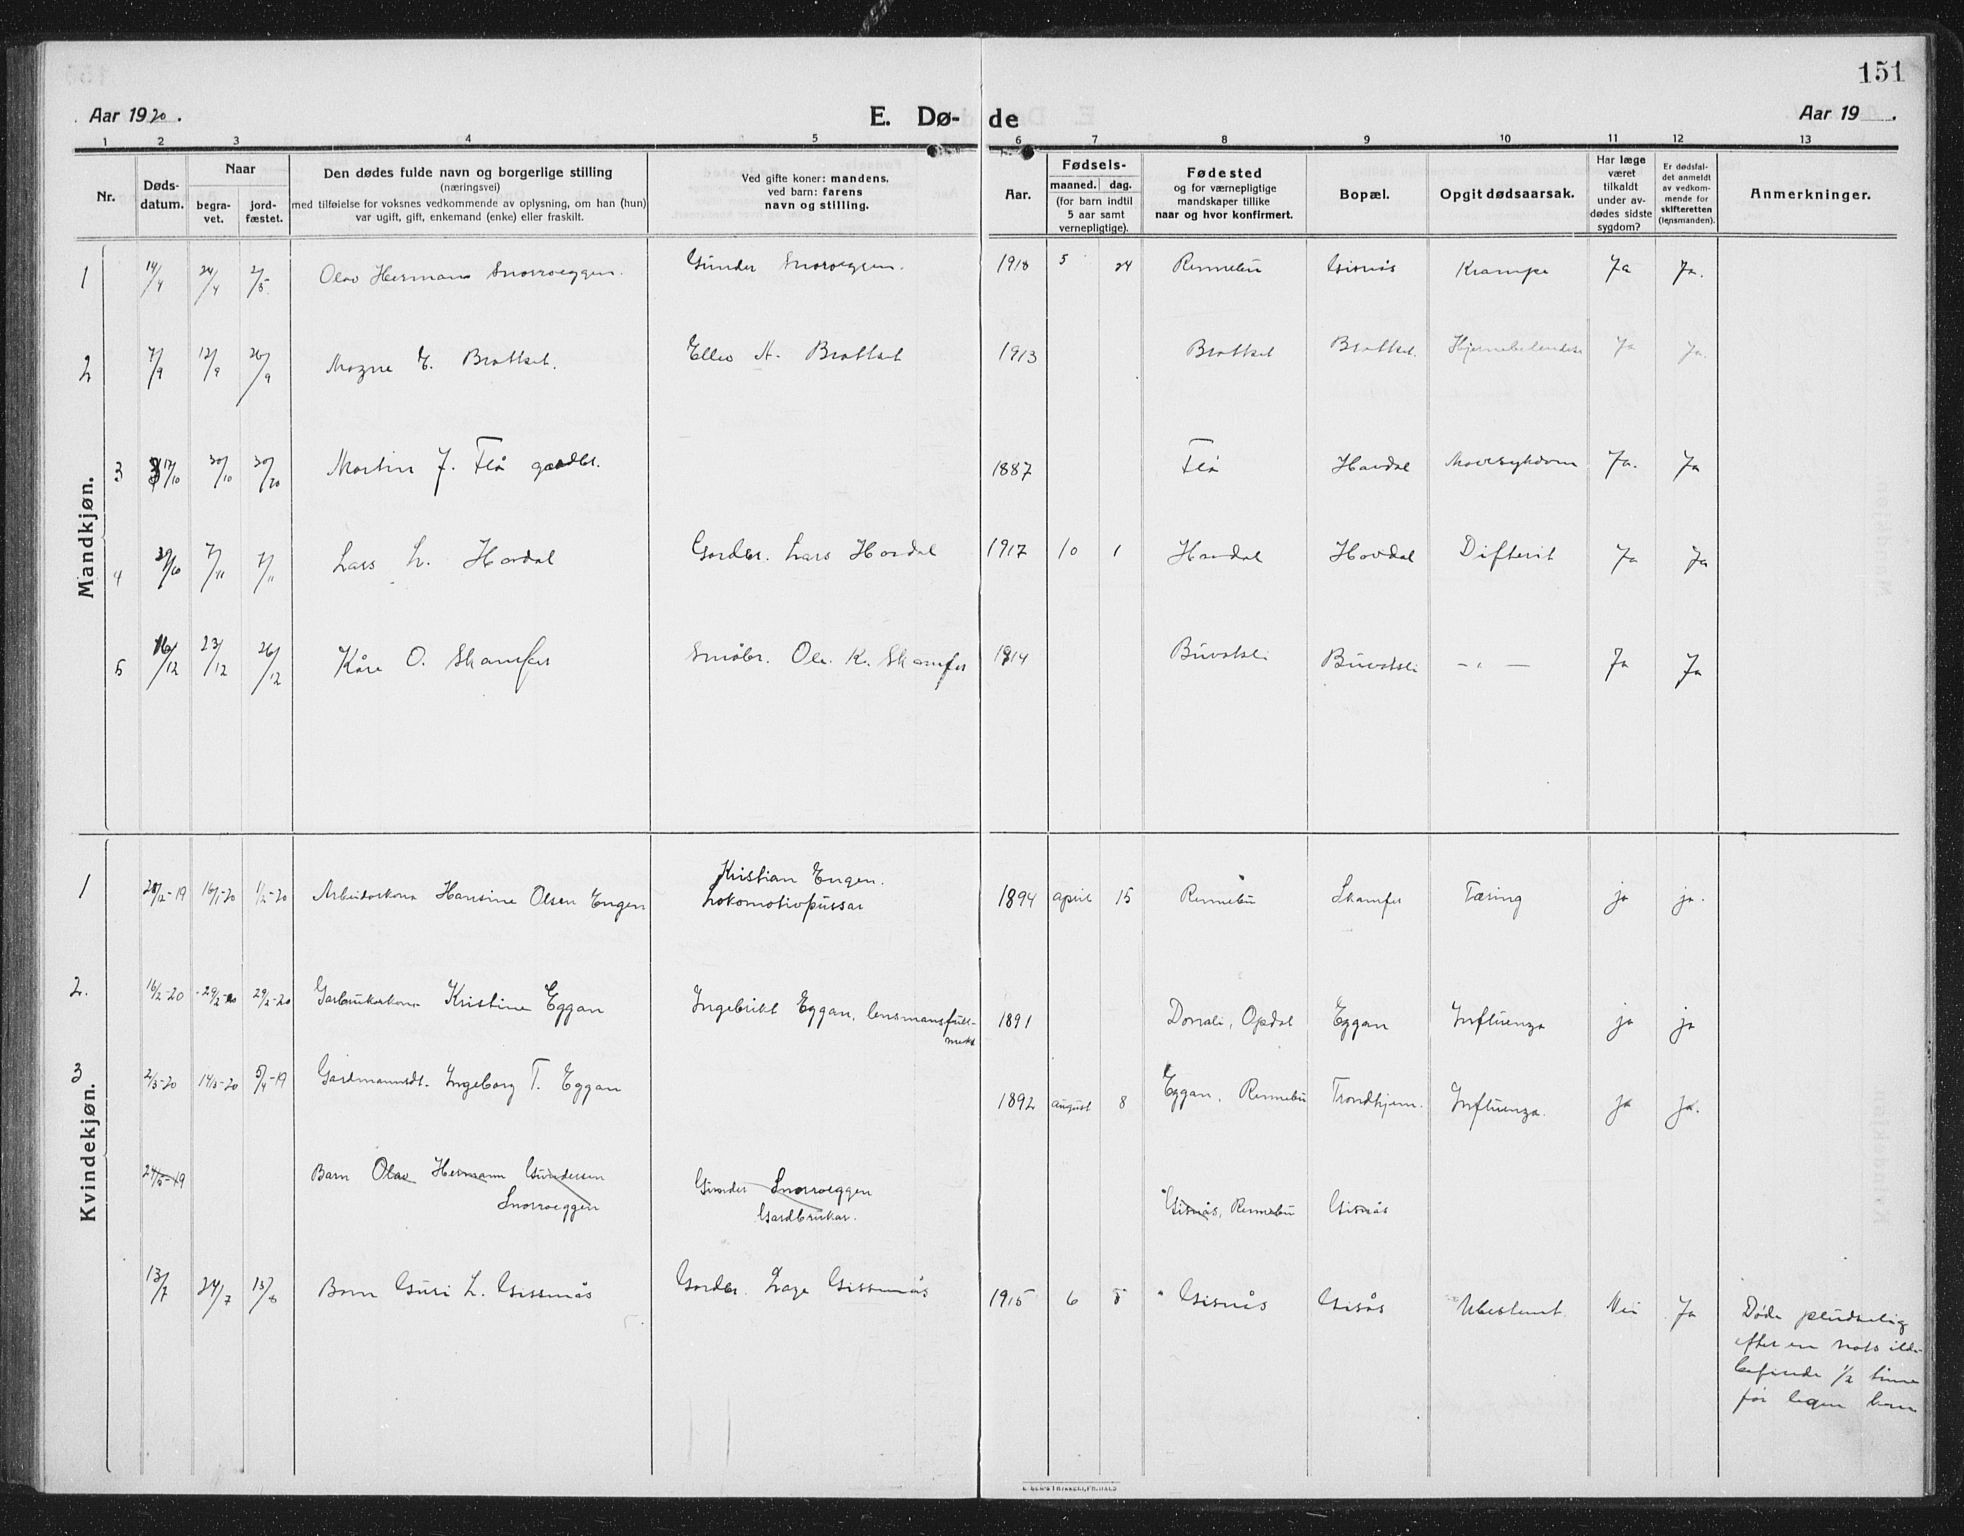 SAT, Ministerialprotokoller, klokkerbøker og fødselsregistre - Sør-Trøndelag, 675/L0888: Klokkerbok nr. 675C01, 1913-1935, s. 151